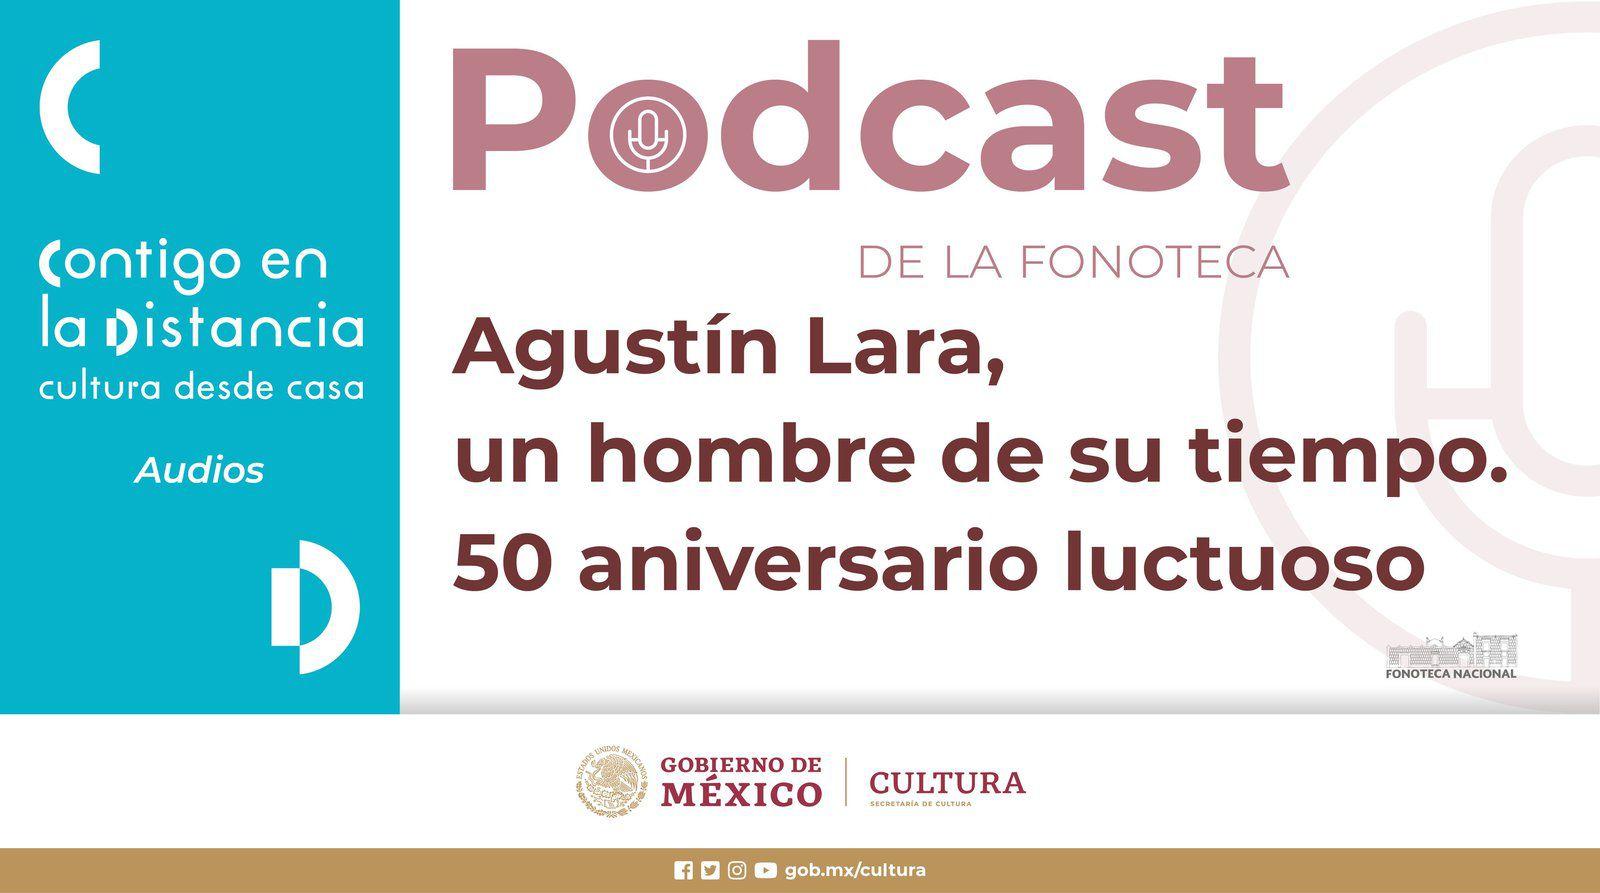 """À l'occasion du 50e anniversaire de la mort de l'éminent compositeur et interprète mexicain Agustín Lara, la Bibliothèque nationale de musique se souvient de lui à travers une sélection de fragments de son programme Intimate Moments produit par XEW entre 1955 et 1956, où le """"Flaco de Oro"""" des chansons racontaient comment il avait rencontré des personnalités telles que Esperanza Iris, Maurice Chevalier, Diego Rivera, entre autres."""